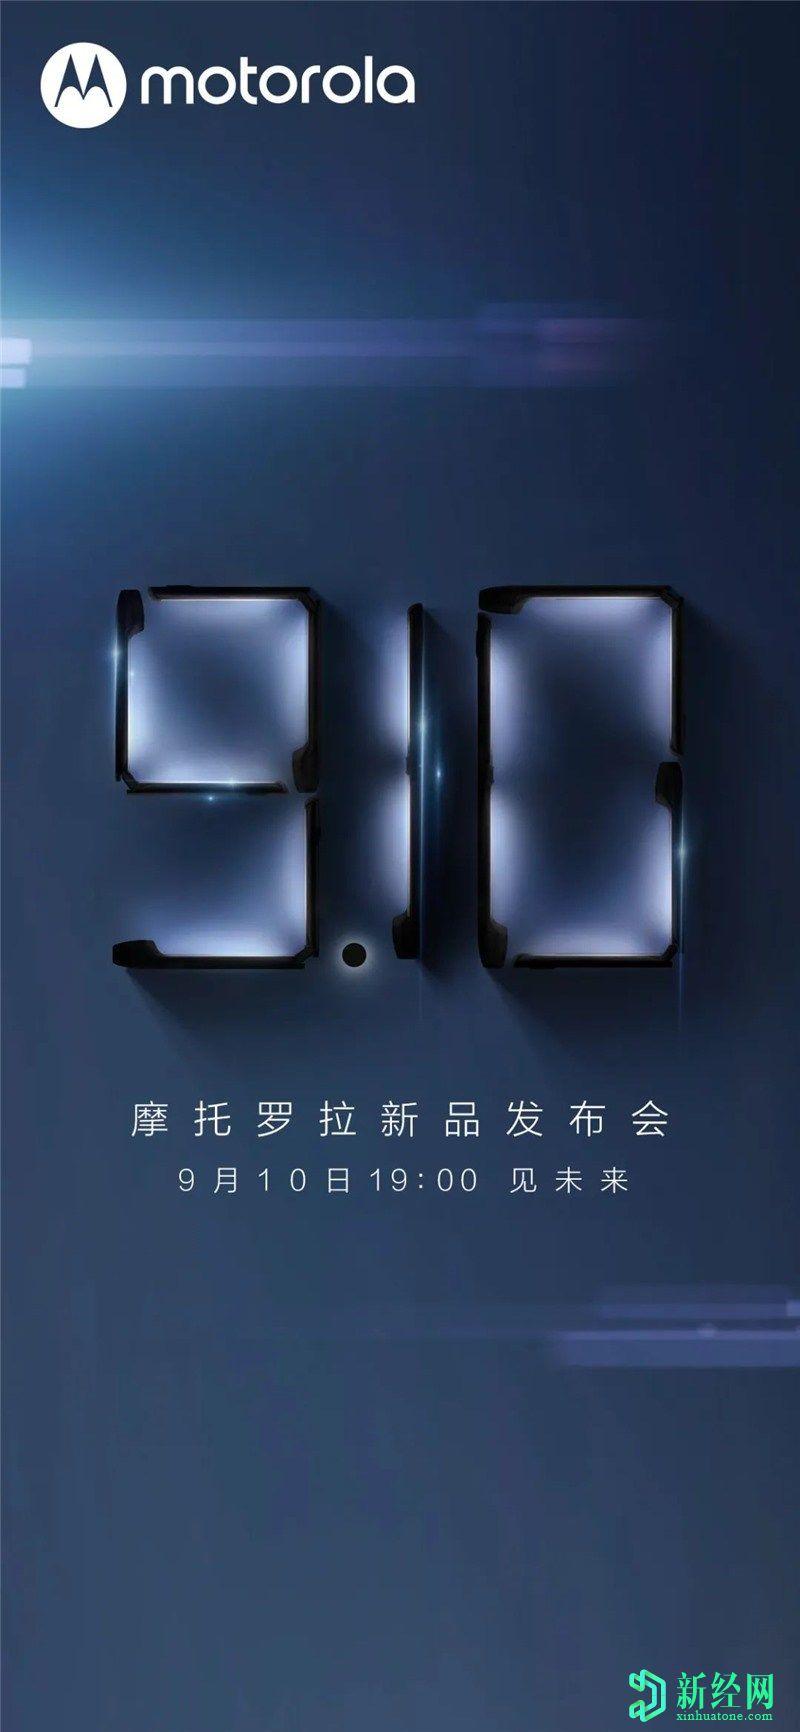 摩托罗拉Moto Razr 5G可折叠智能手机获选于9月10日在中国推出